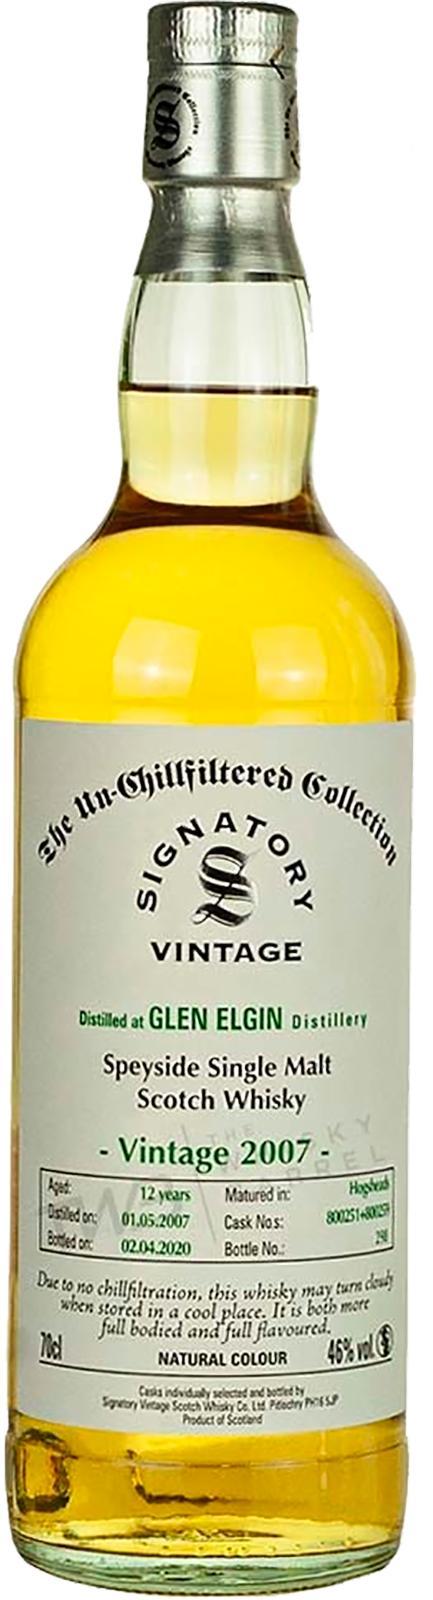 Glen Elgin 2007 SV